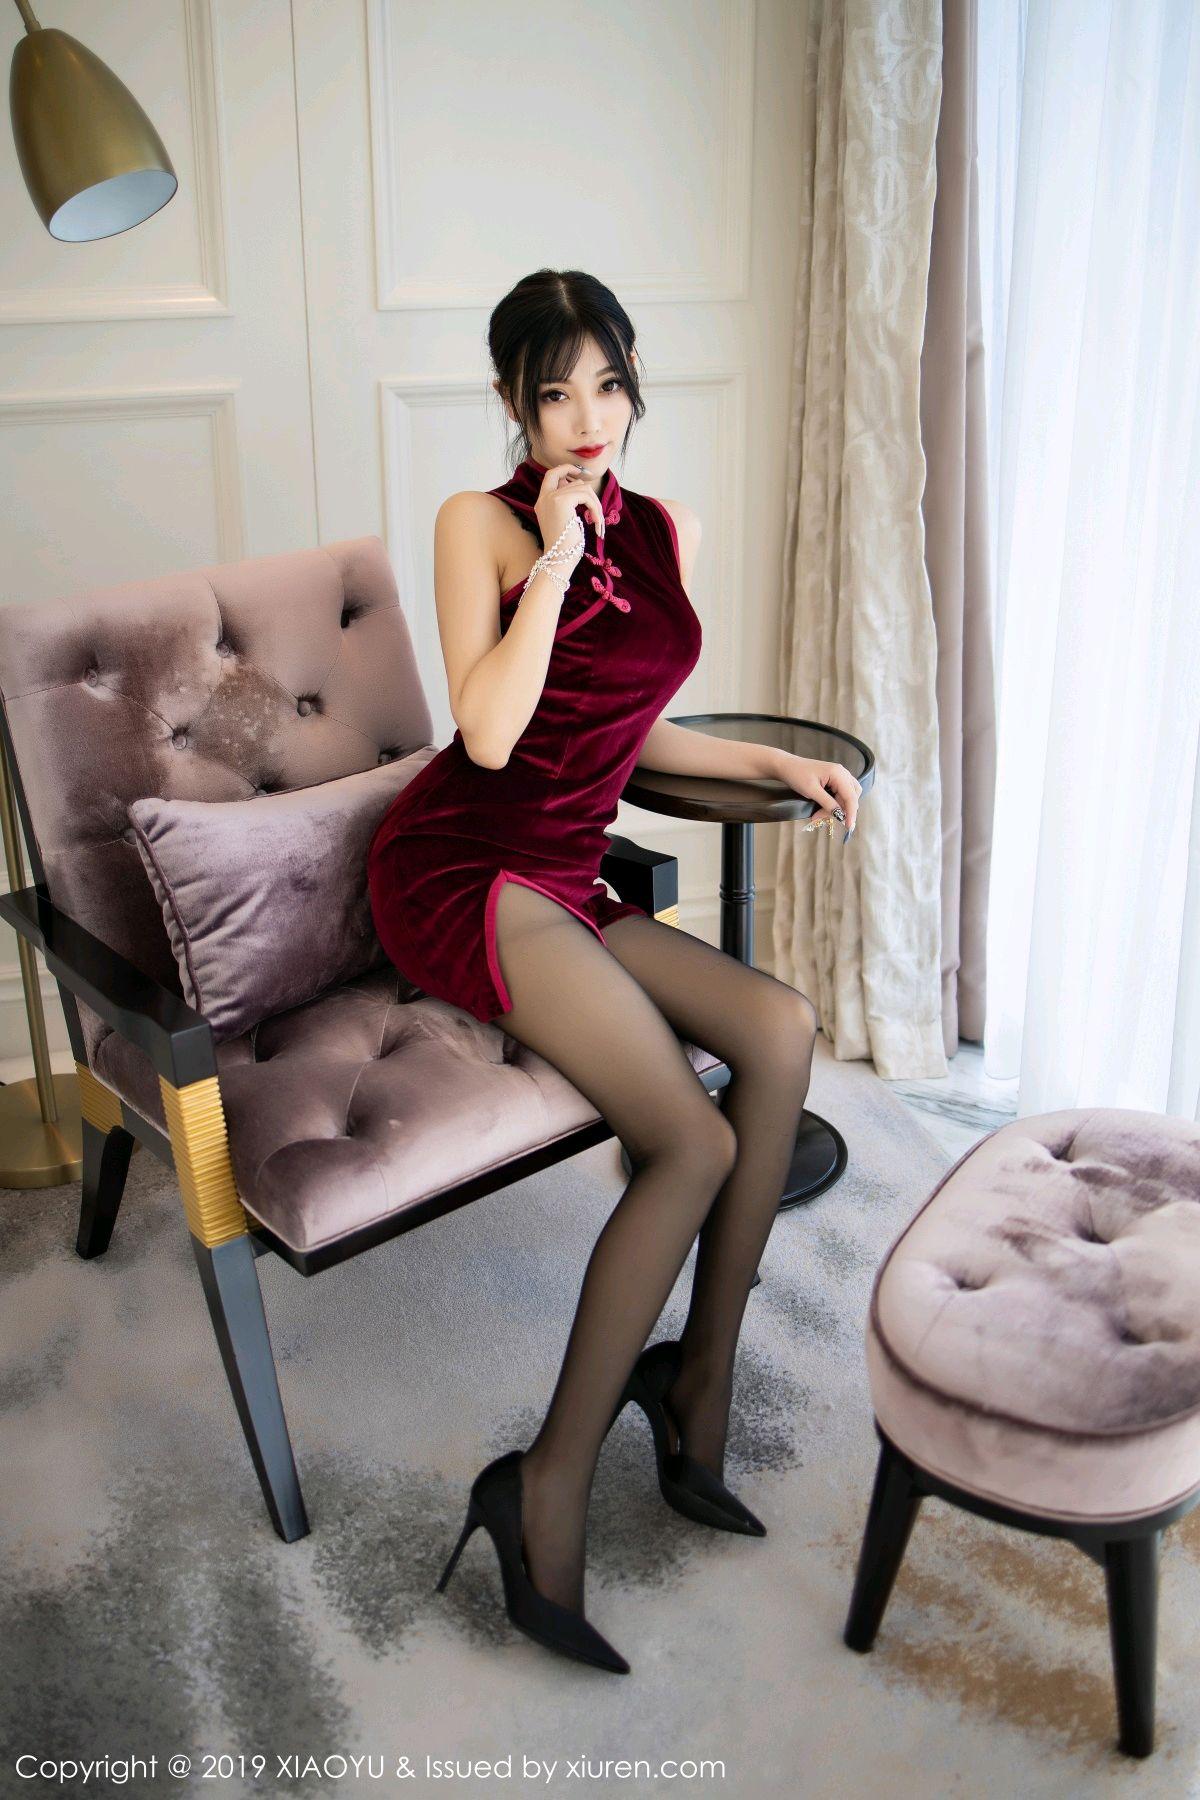 [XiaoYu] Vol.152 Yang Chen Chen 3P, Black Silk, Cheongsam, Tall, XiaoYu, Yang Chen Chen